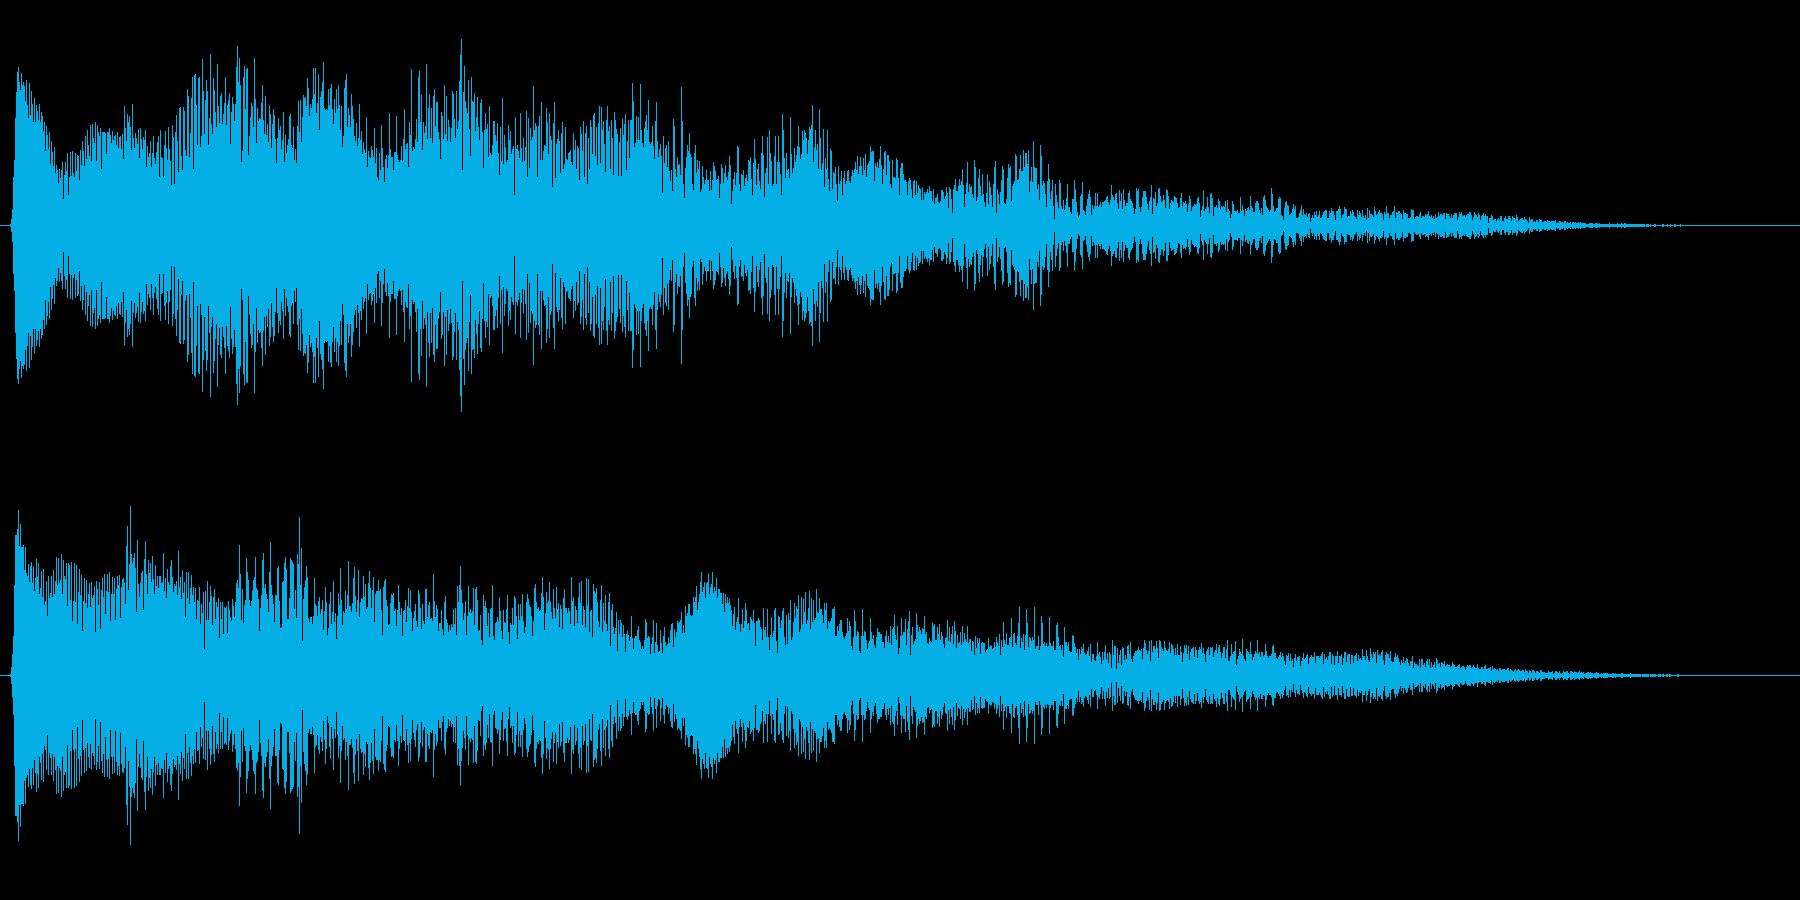 キラキラリーン/美しいリバーブベル上昇音の再生済みの波形